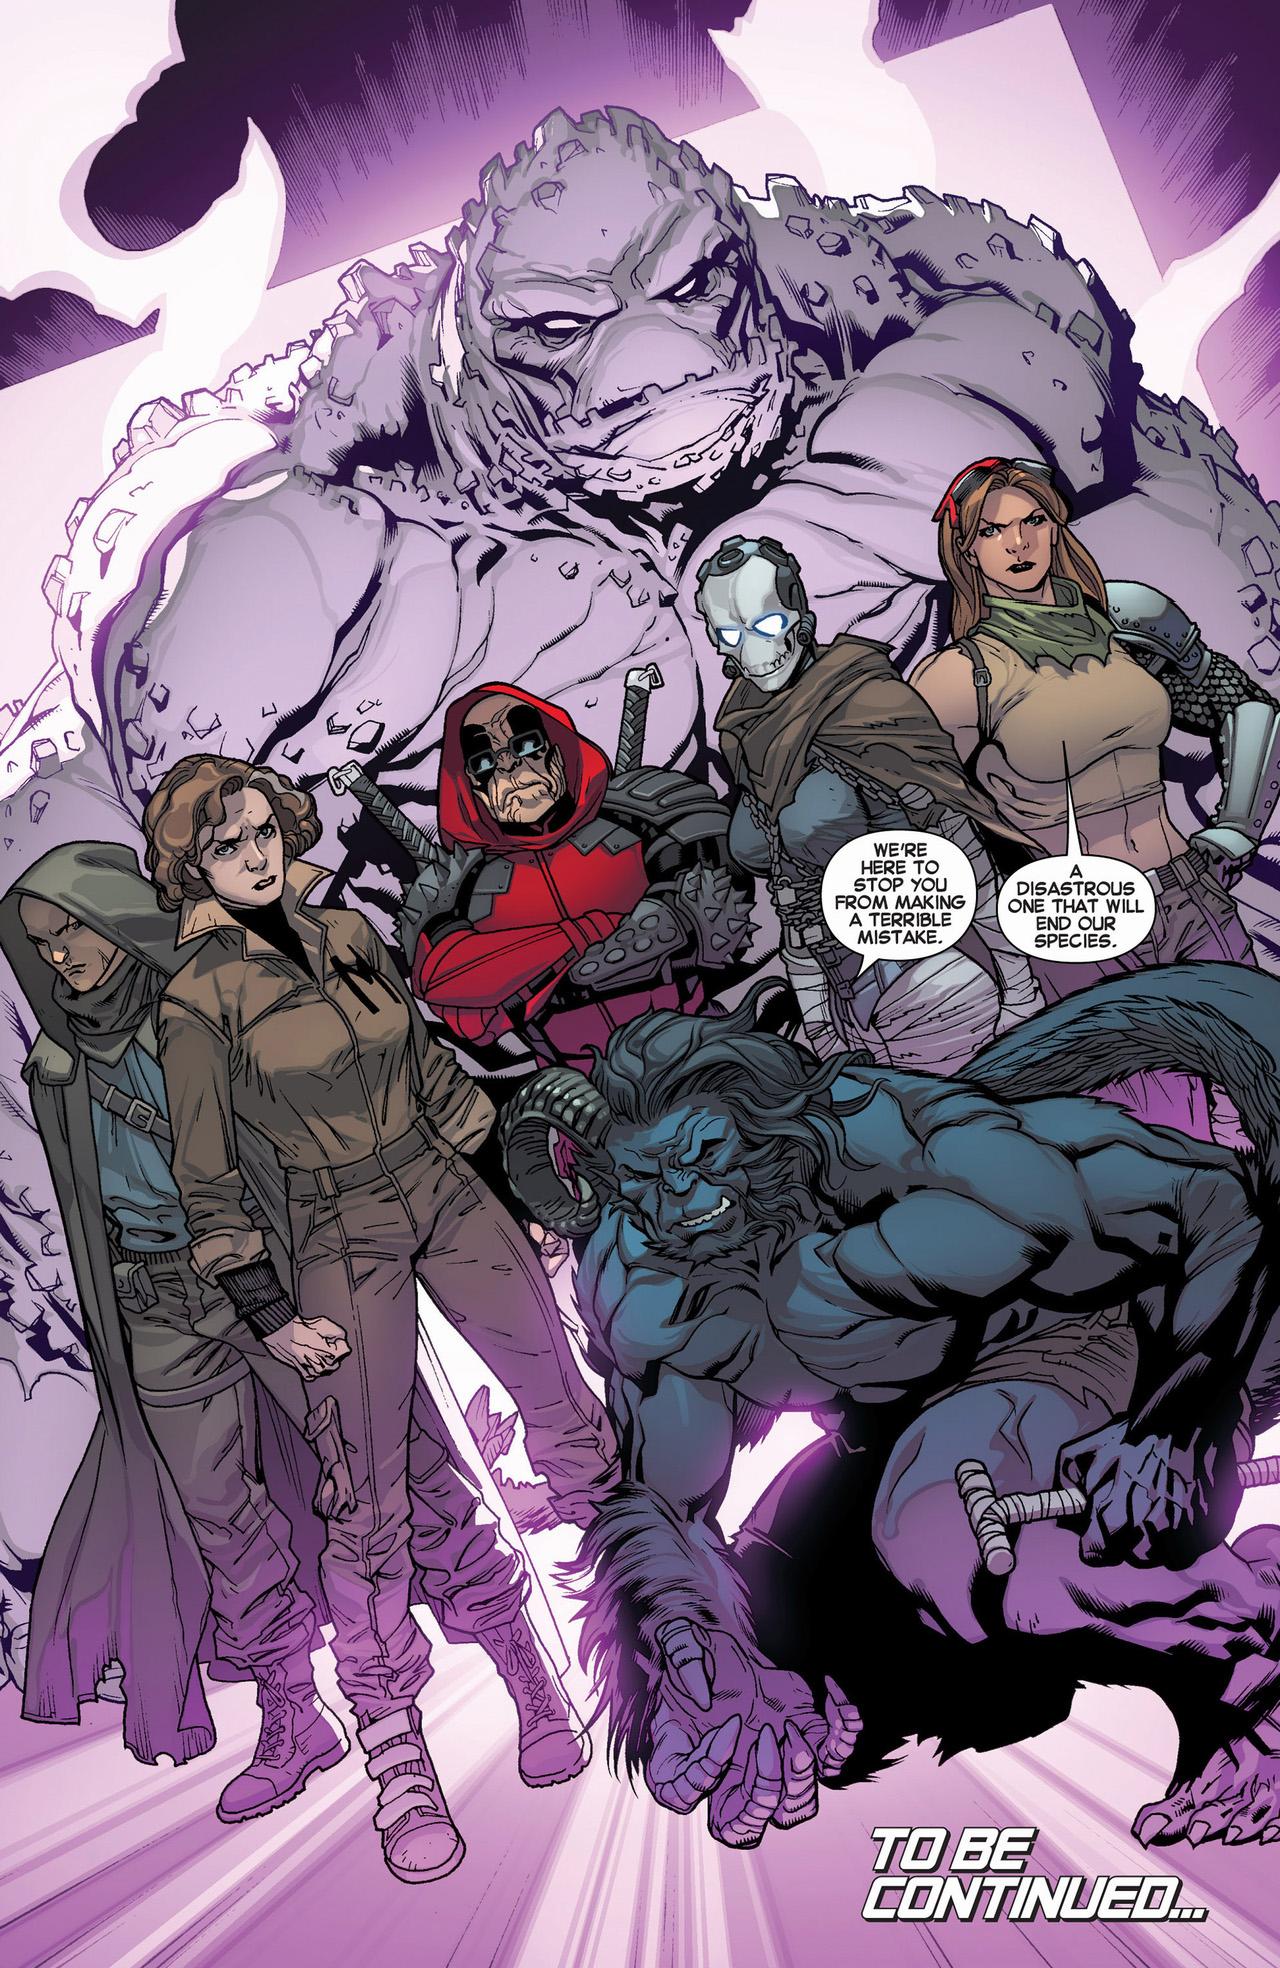 future x-men arrives in jean grey school